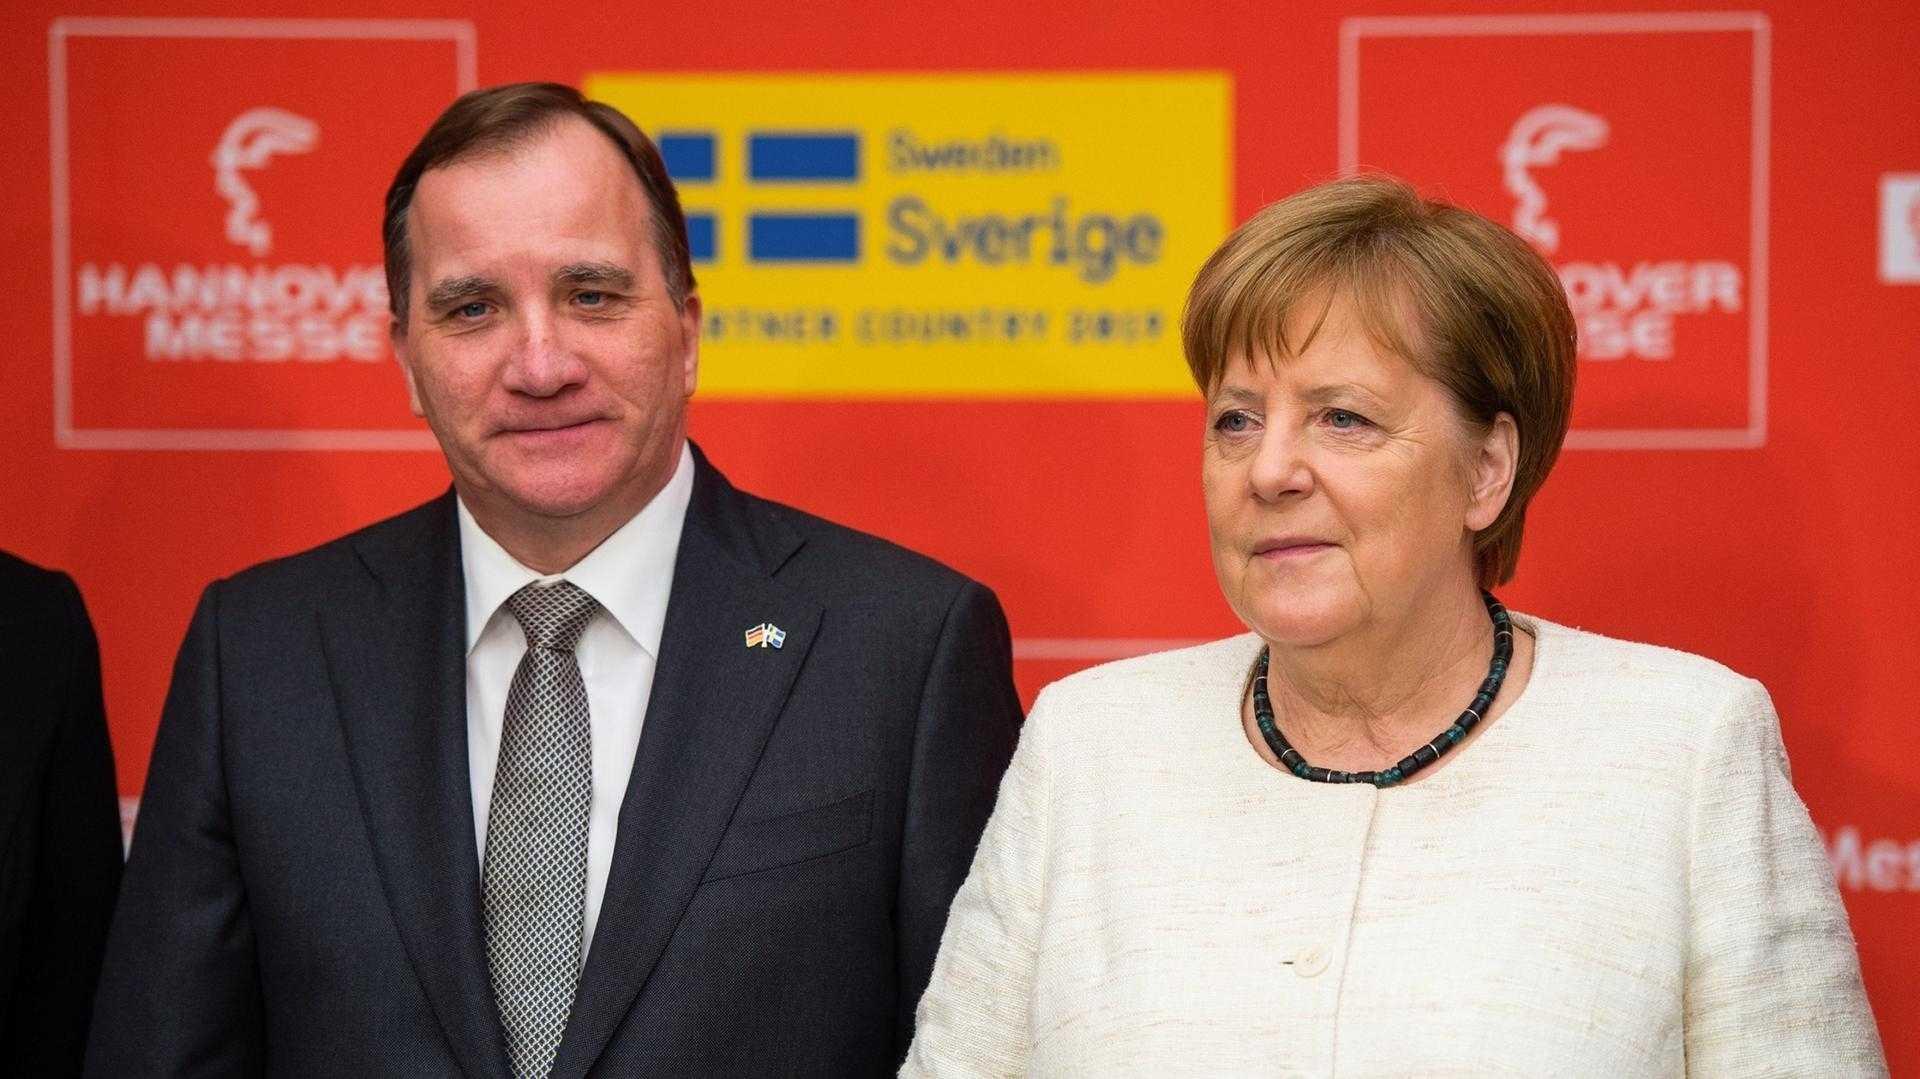 Hannover Messe beginnt mit Europa-Appellen